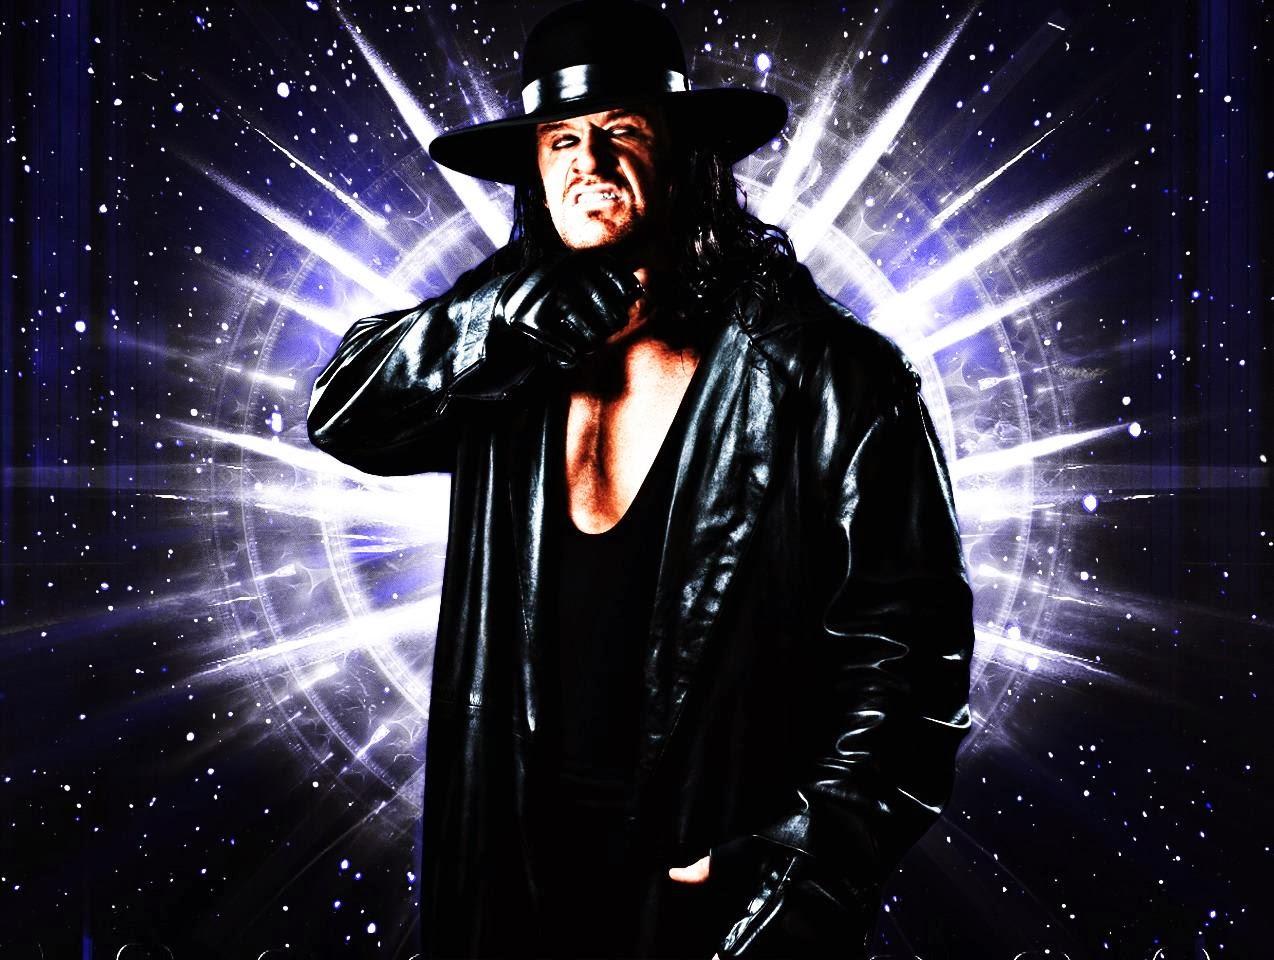 Undertaker hd wallpapers free download wwe hd wallpaper - Wwe wallpaper ...